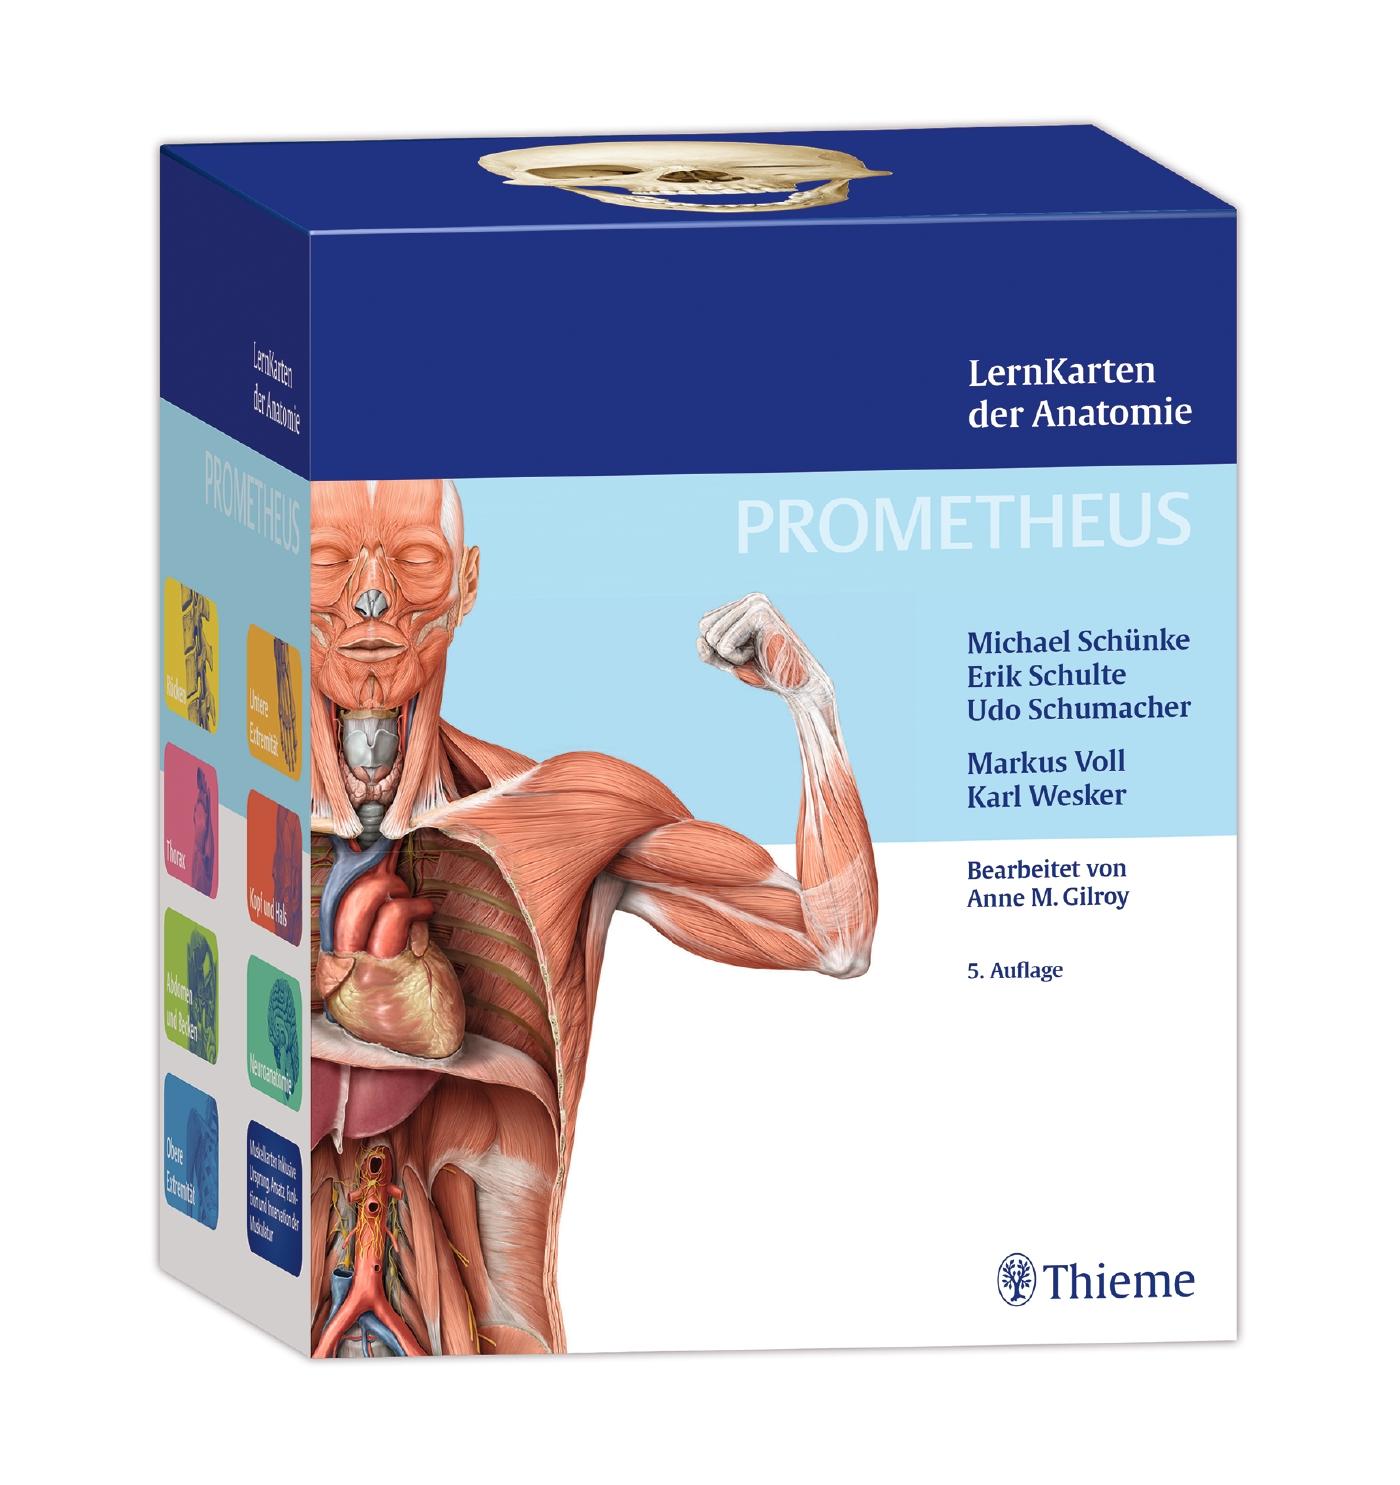 PROMETHEUS LernKarten der Anatomie von Erik Schulte | ISBN 978-3-13 ...